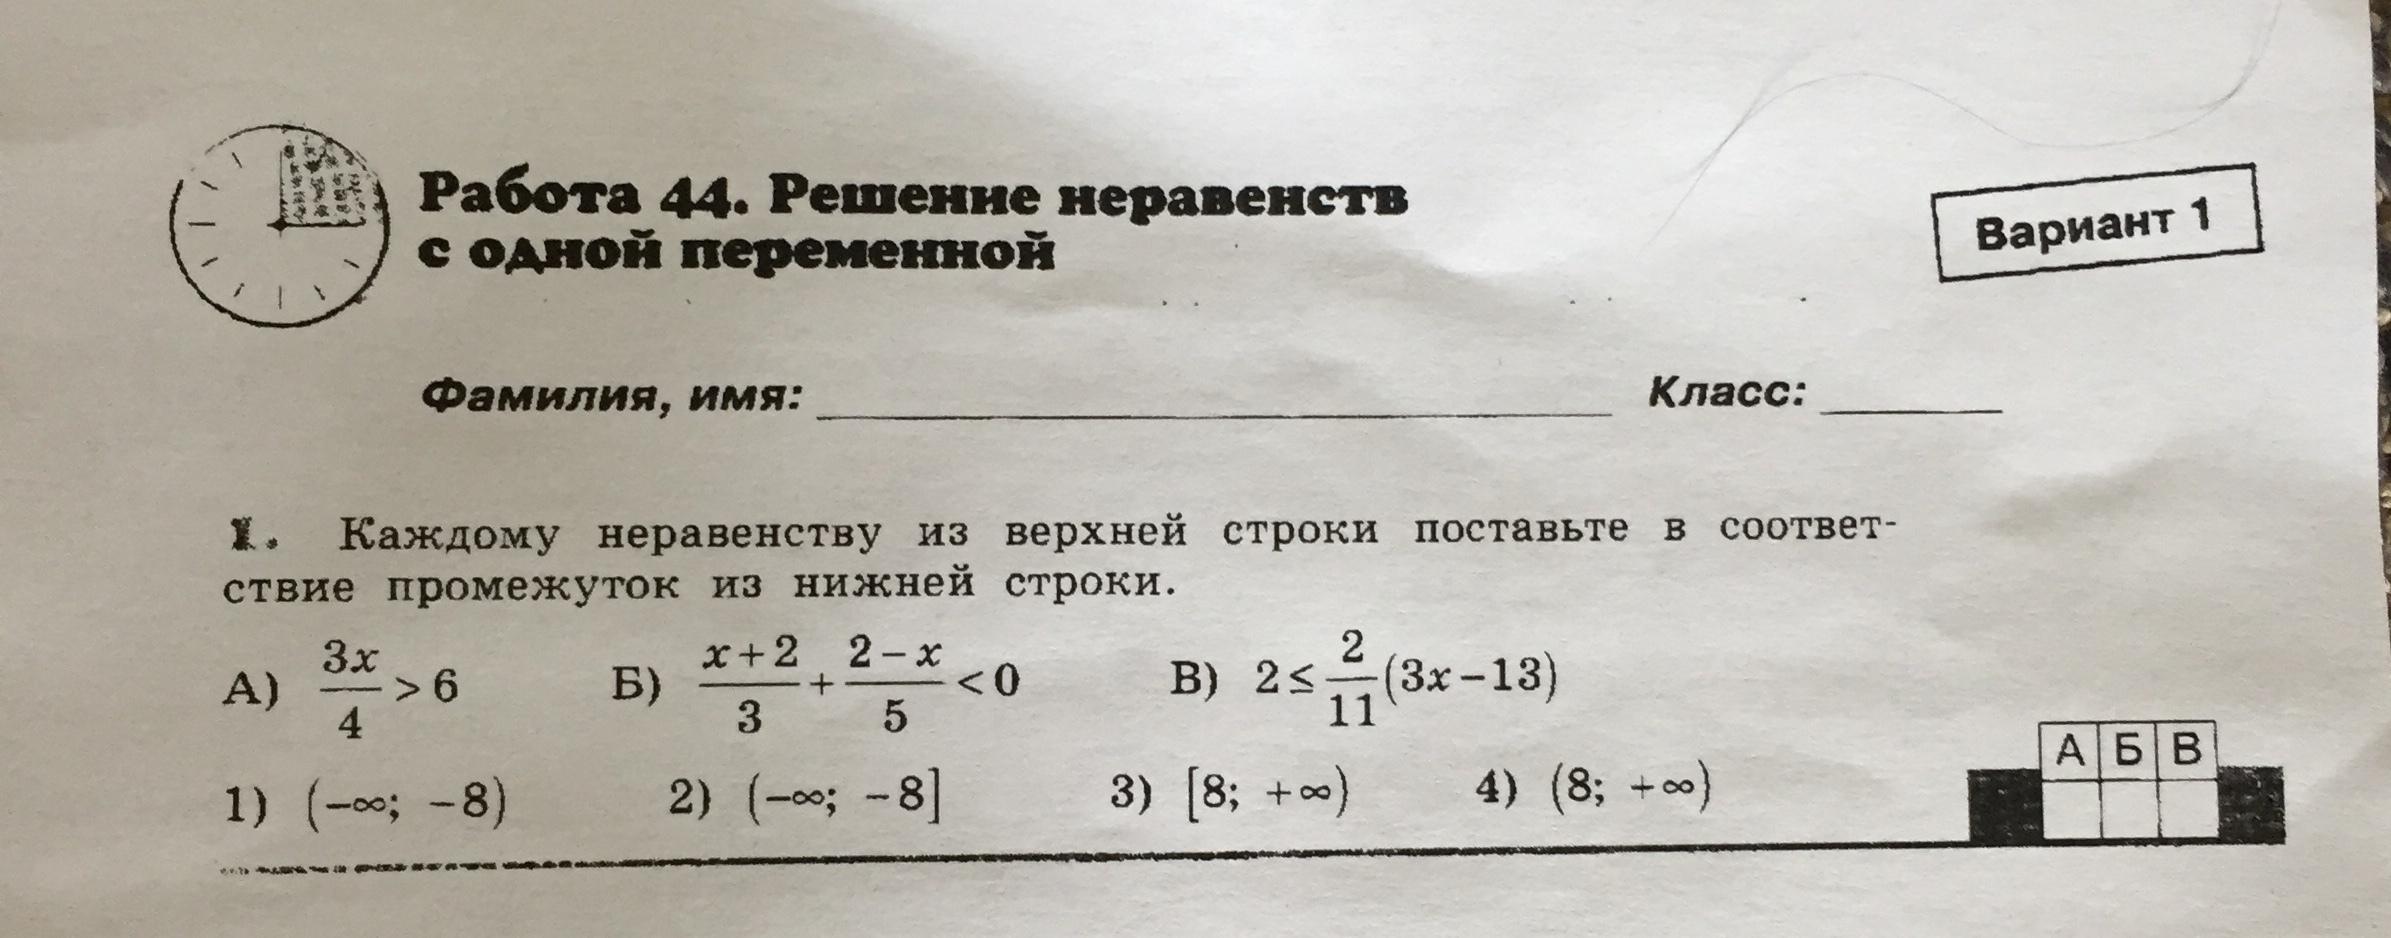 8 класс помогите пожалуйста с алгеброй, дам 10